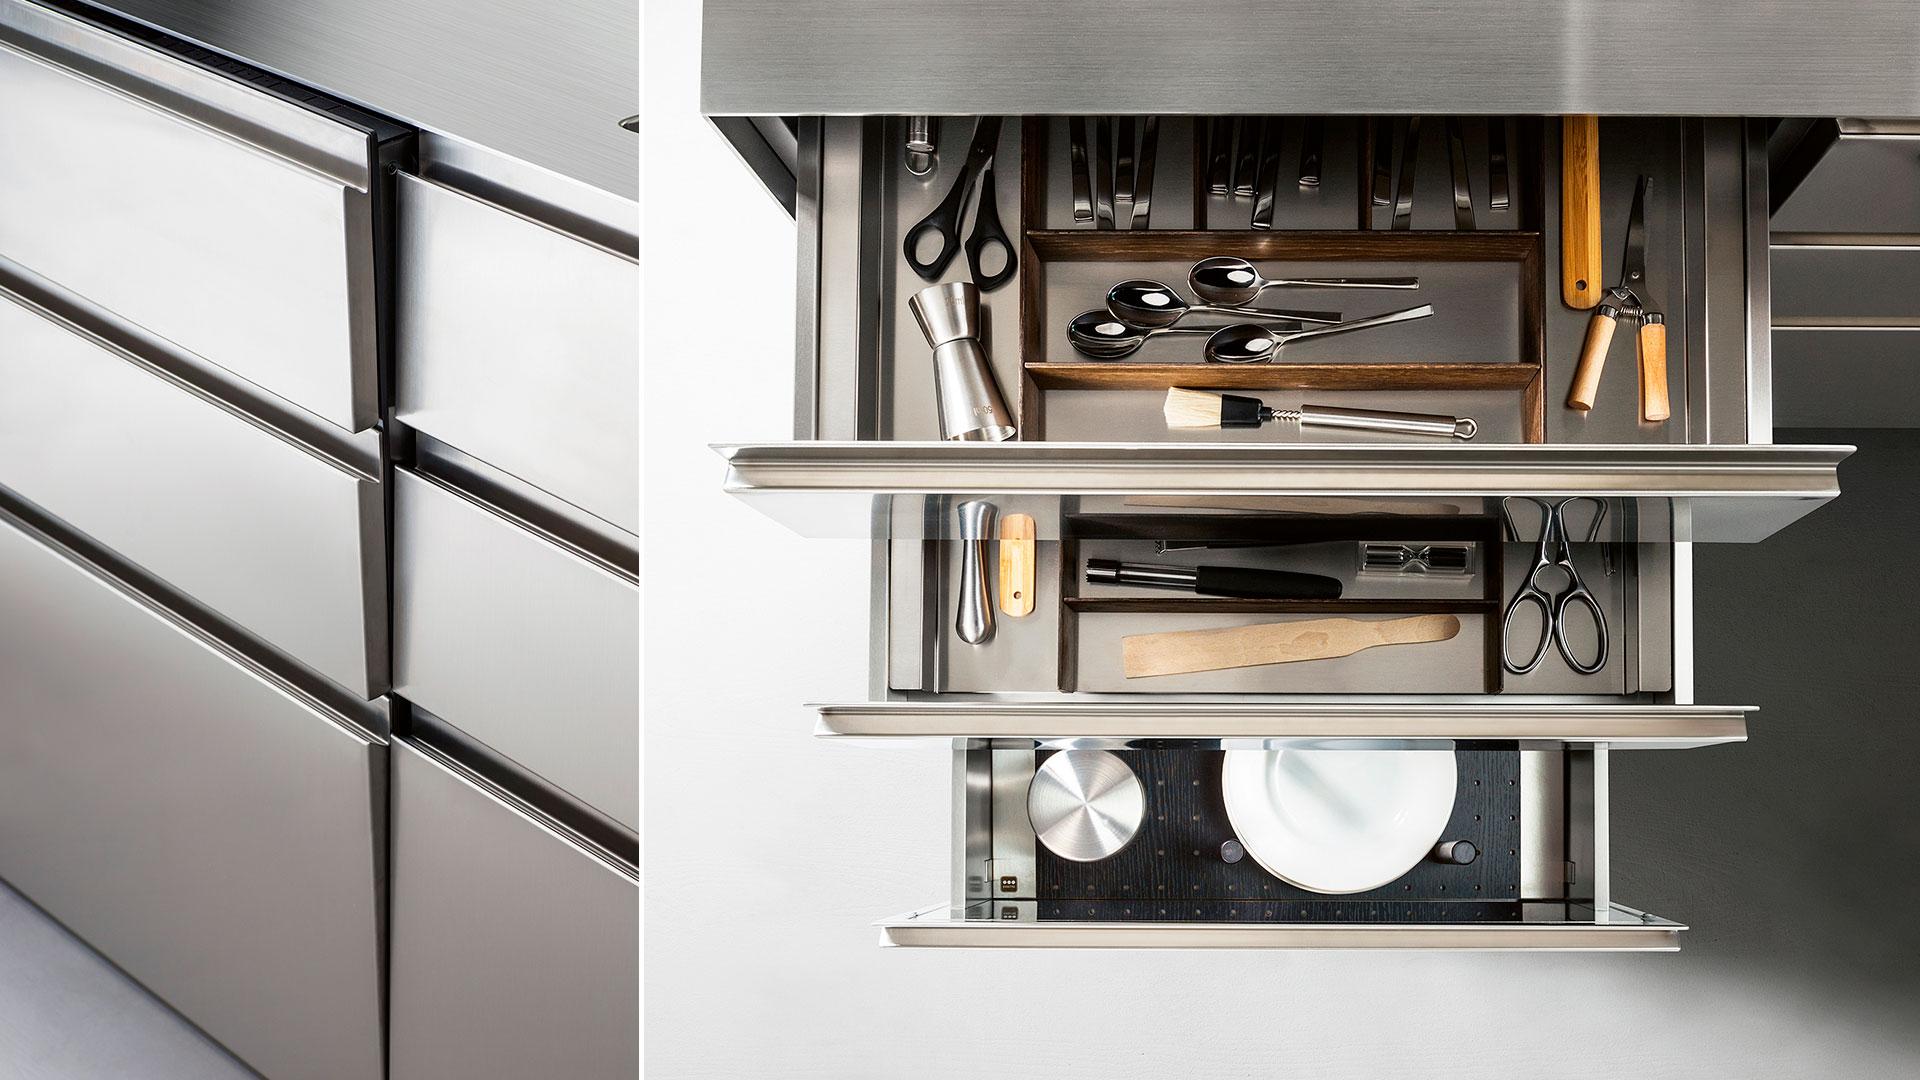 Cucina in legno e acciaio G180 | Collezioni Cucine 2018 TM Italia - TM_CAT_G180_003